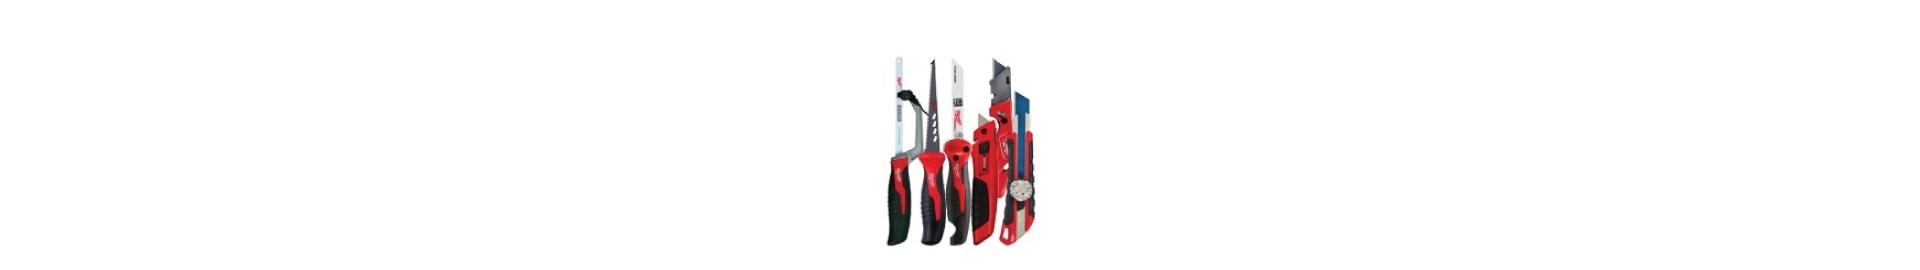 Narzędzia ręczne i akcesoria – wyposażenie warsztatu i domu